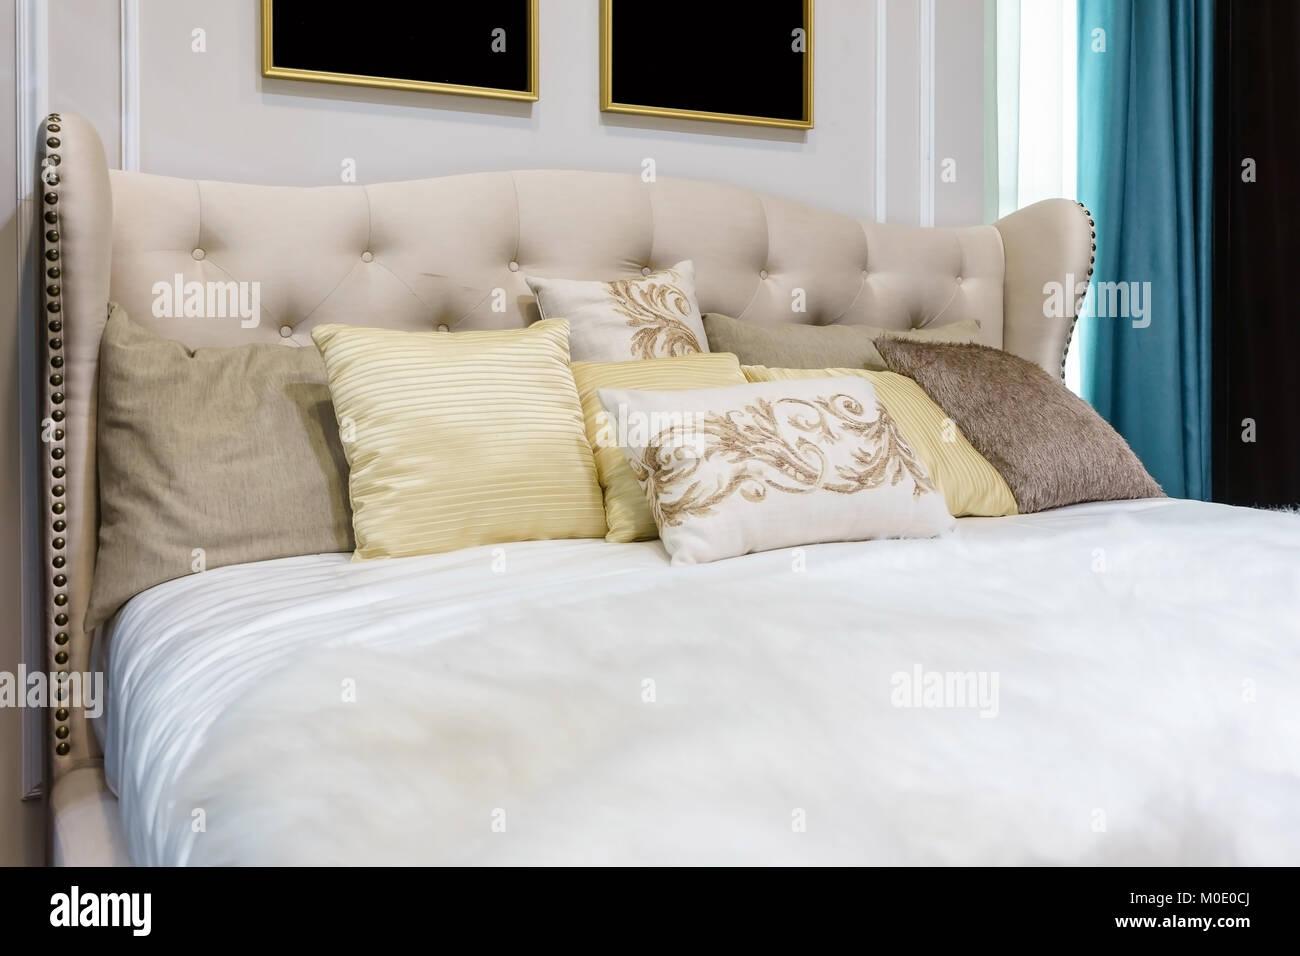 Cuscini Decorativi Letto.Vista Dettagliata Del Nuovo Letto Comfort Con Cuscini Decorativi